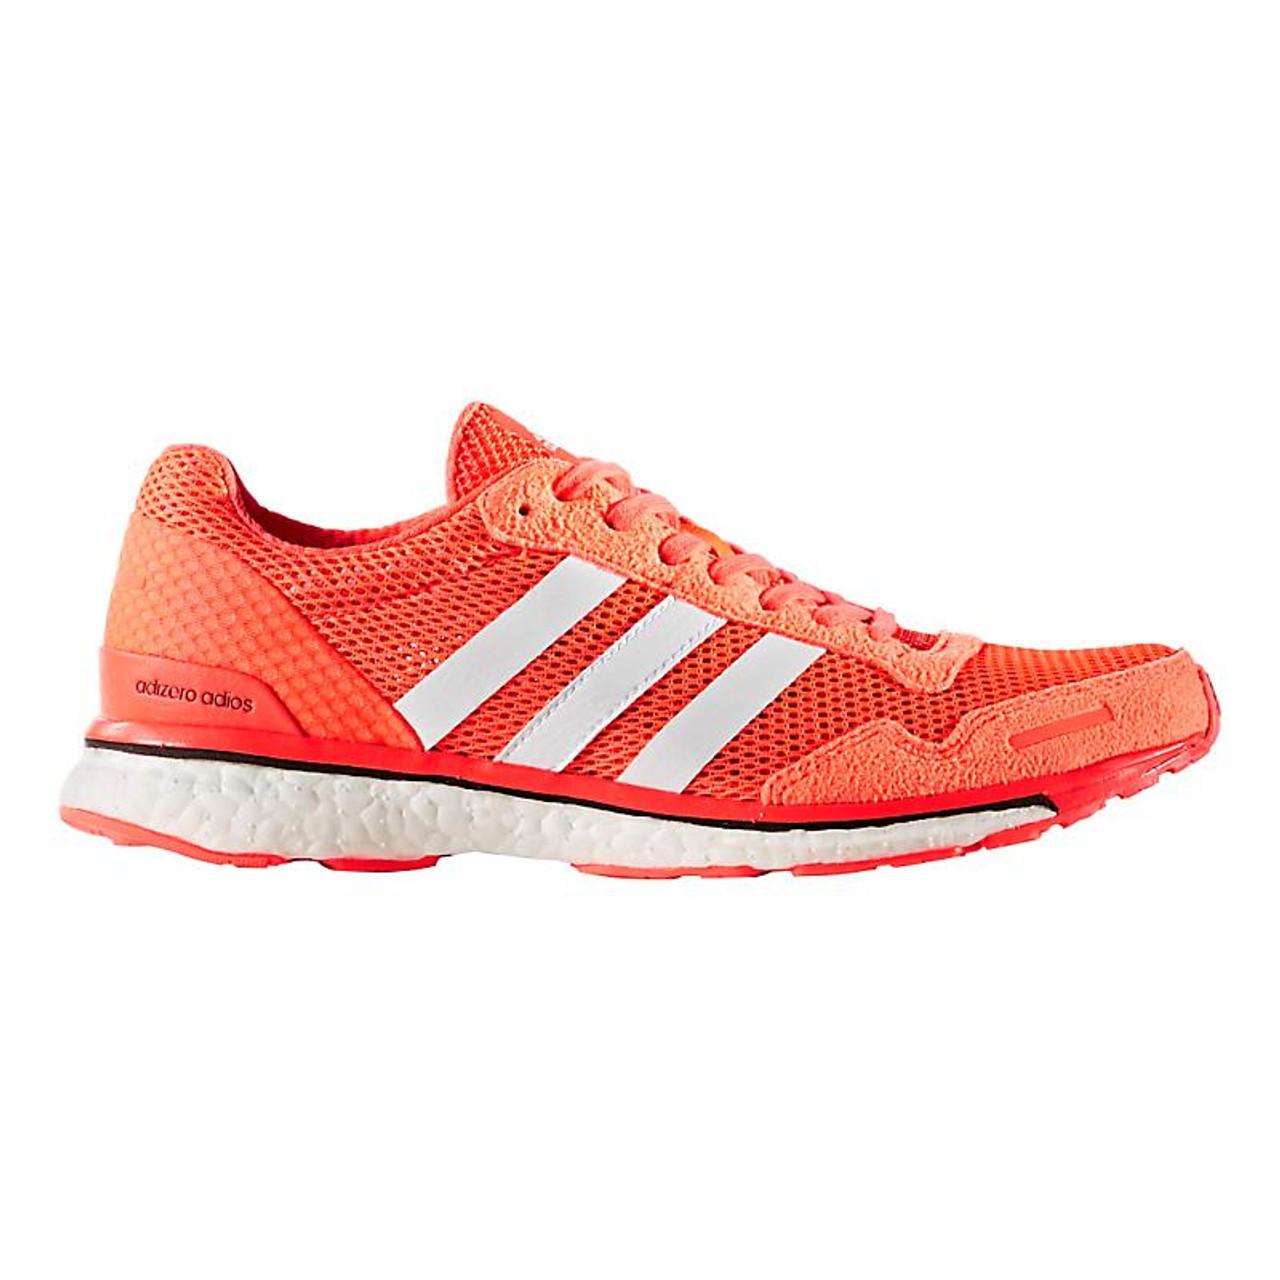 adidas Adizero Adios 3 Running Shoe